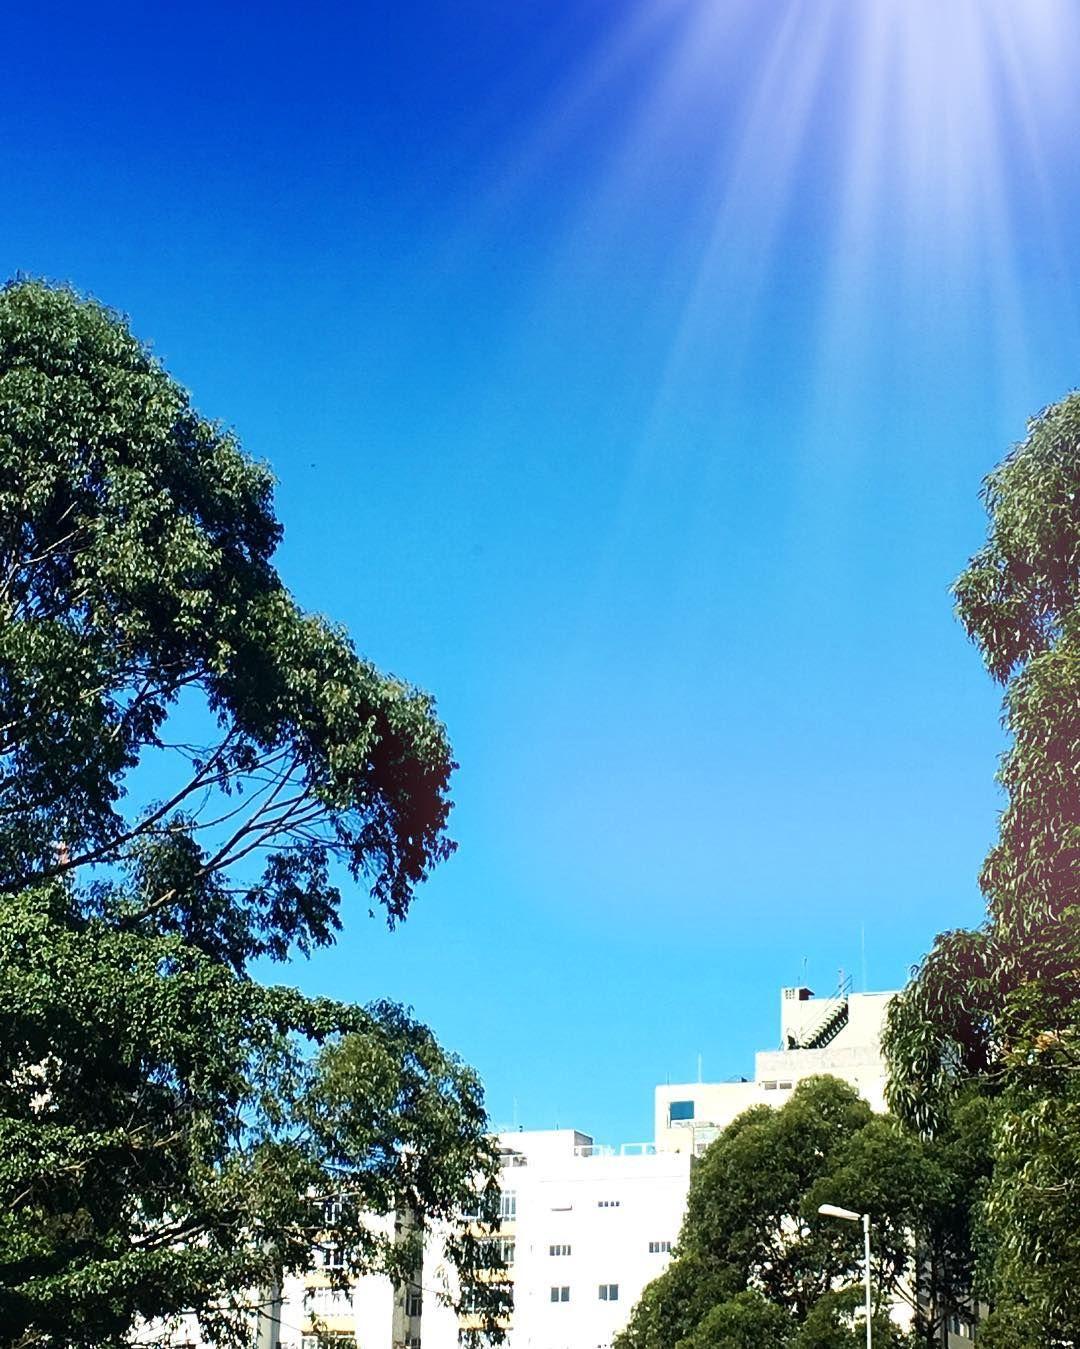 Flagra do dia lindo com céu azul em São Paulo {} Nada como o sol nos dias de inverno... #soldeinverno #sãopaulo #blessed #chriscastro #instaglam #instagood #picoftheday #happy #goodvibes #quoteoftheday #dujour #galery #view #life #enjoyinglife #amicasbloggers